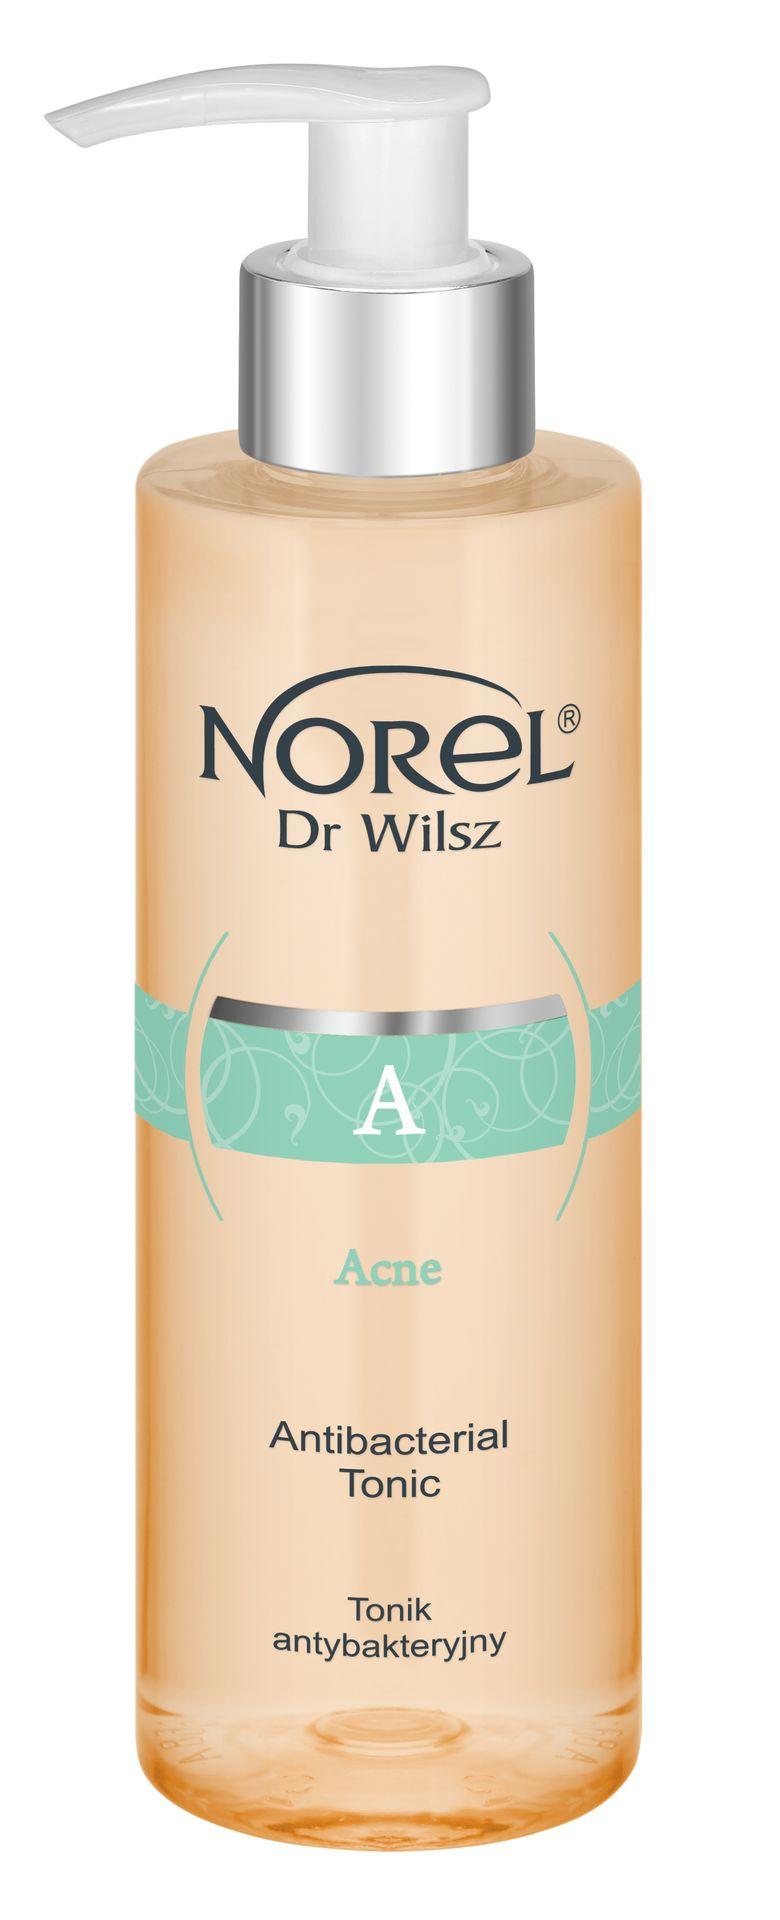 NOREL Dr. Wilsz Тоник антибактериальный для лица / Antibacterial tonic 200 мл